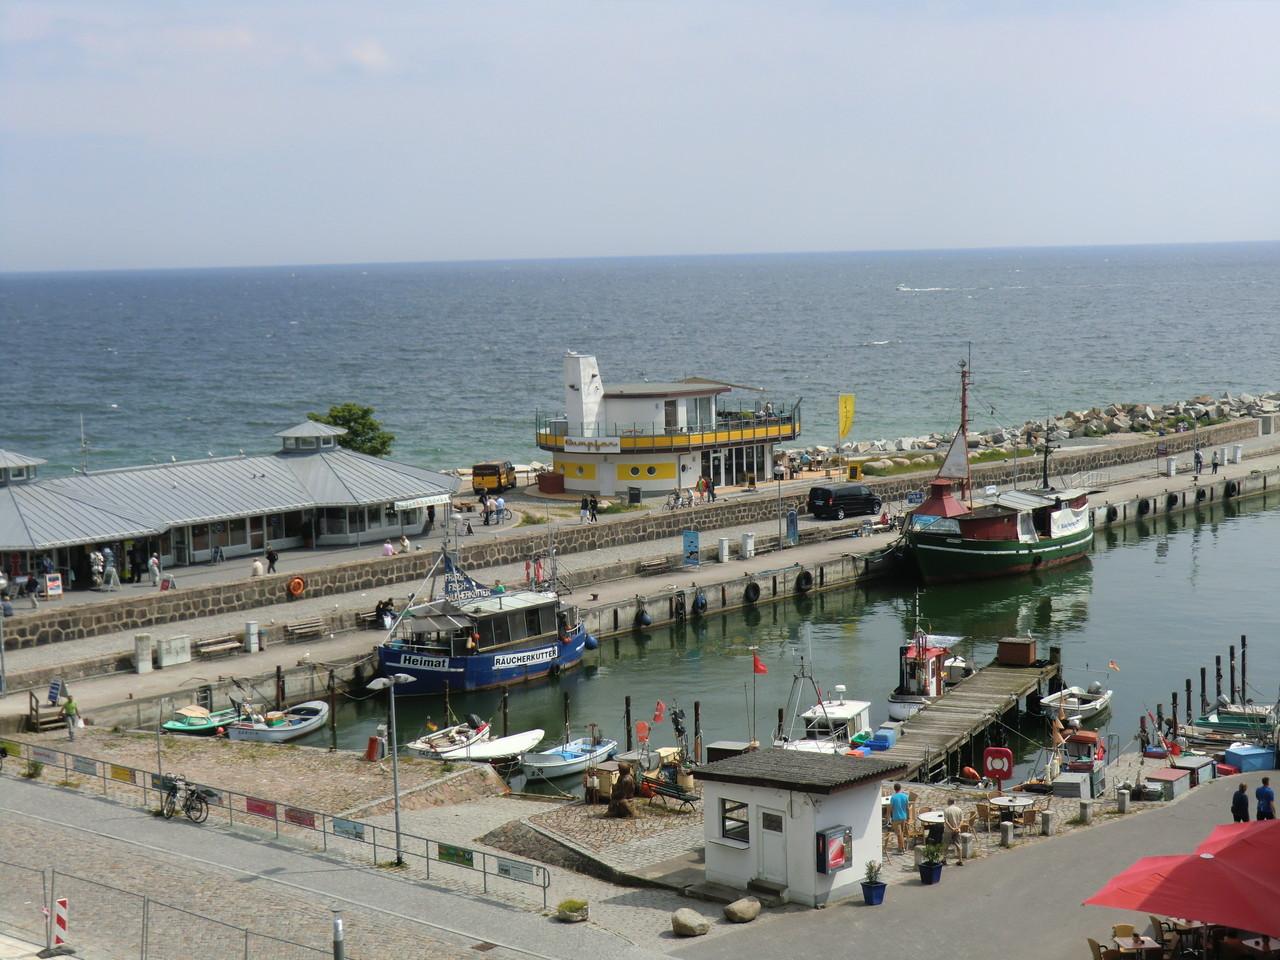 Hafen mit Fischbuden u. Fischkuttern